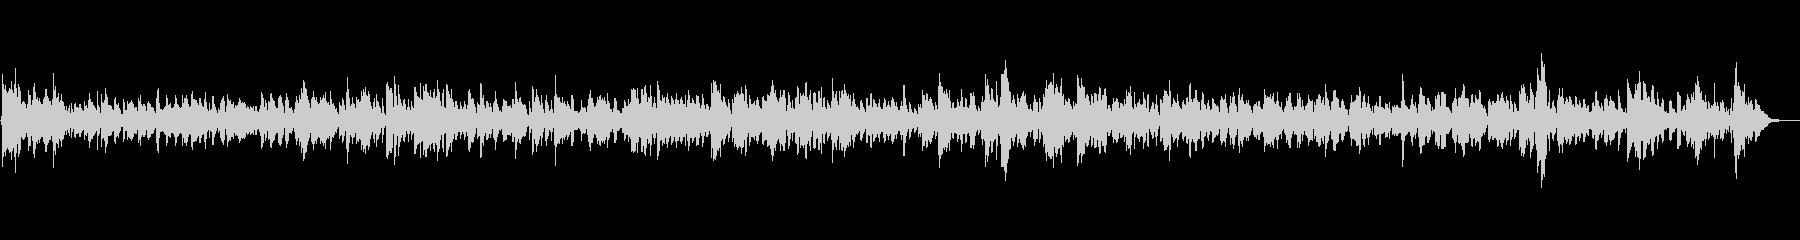 BGM|アダルトで誘惑チックなジャズの未再生の波形